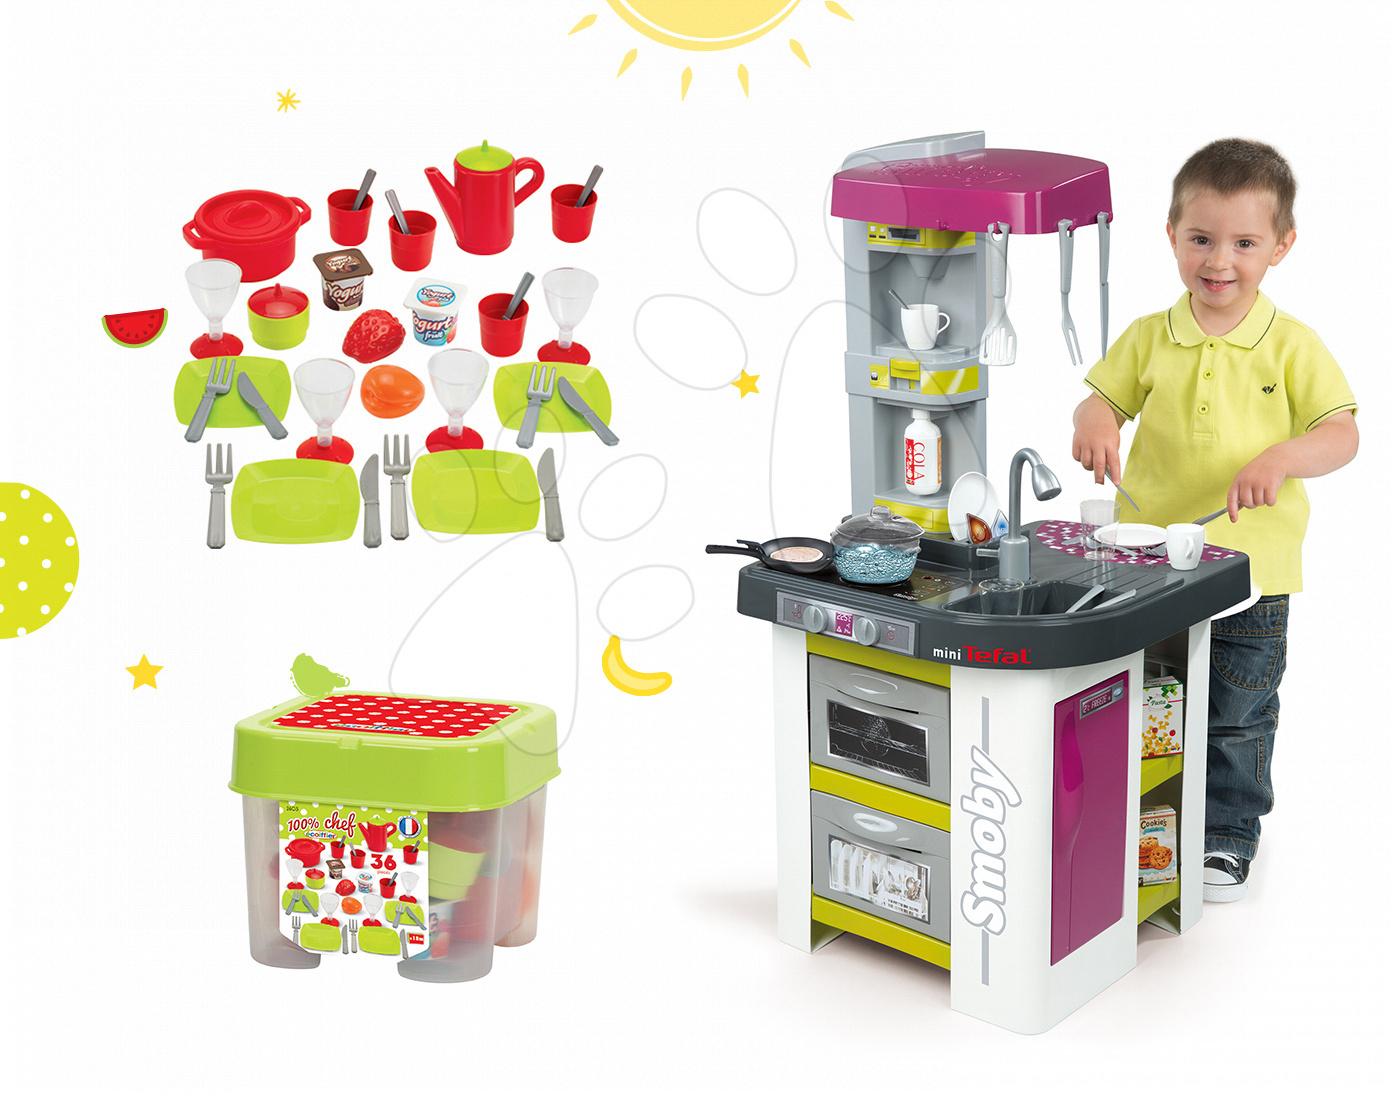 Smoby set detská kuchynka Tefal Studio BBQ a Écoiffier jedálenská sada 311027-24